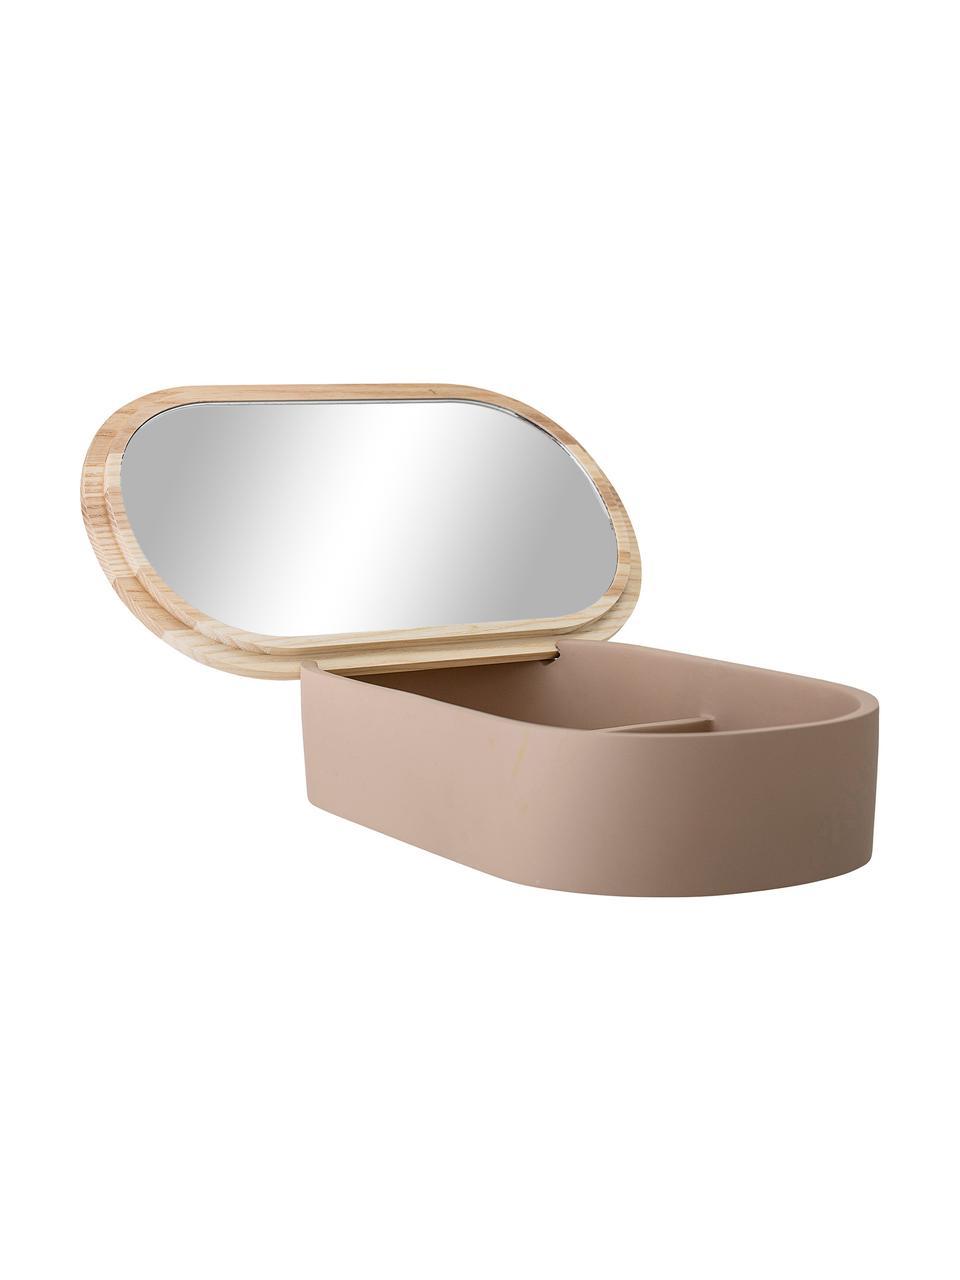 Sieradendoos Noah, Doos: polyresin, Deksel: essenhout, Oudroze, essenhout , spiegelglas, 23 x 6 cm